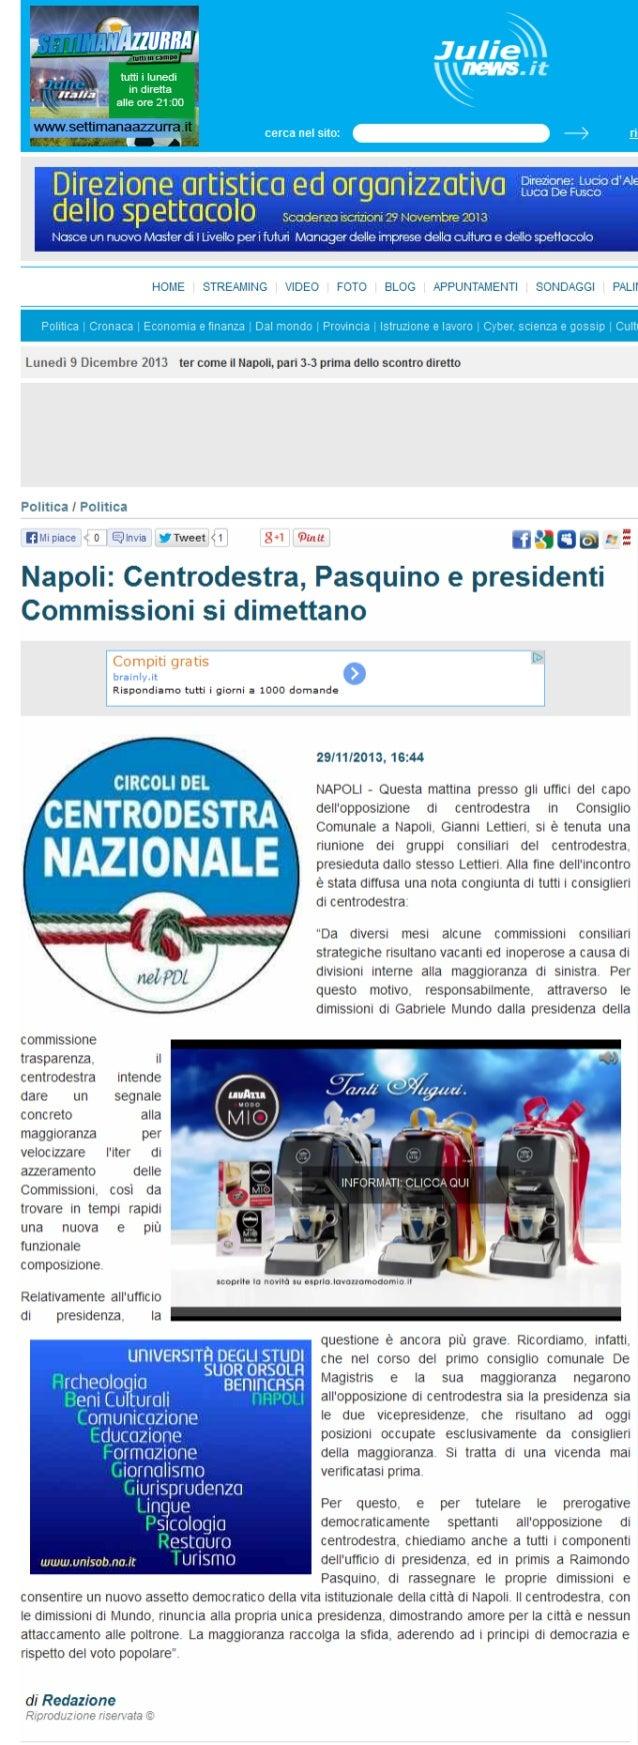 Gianni Lettieri chiede azzeramento commissioni consiliari